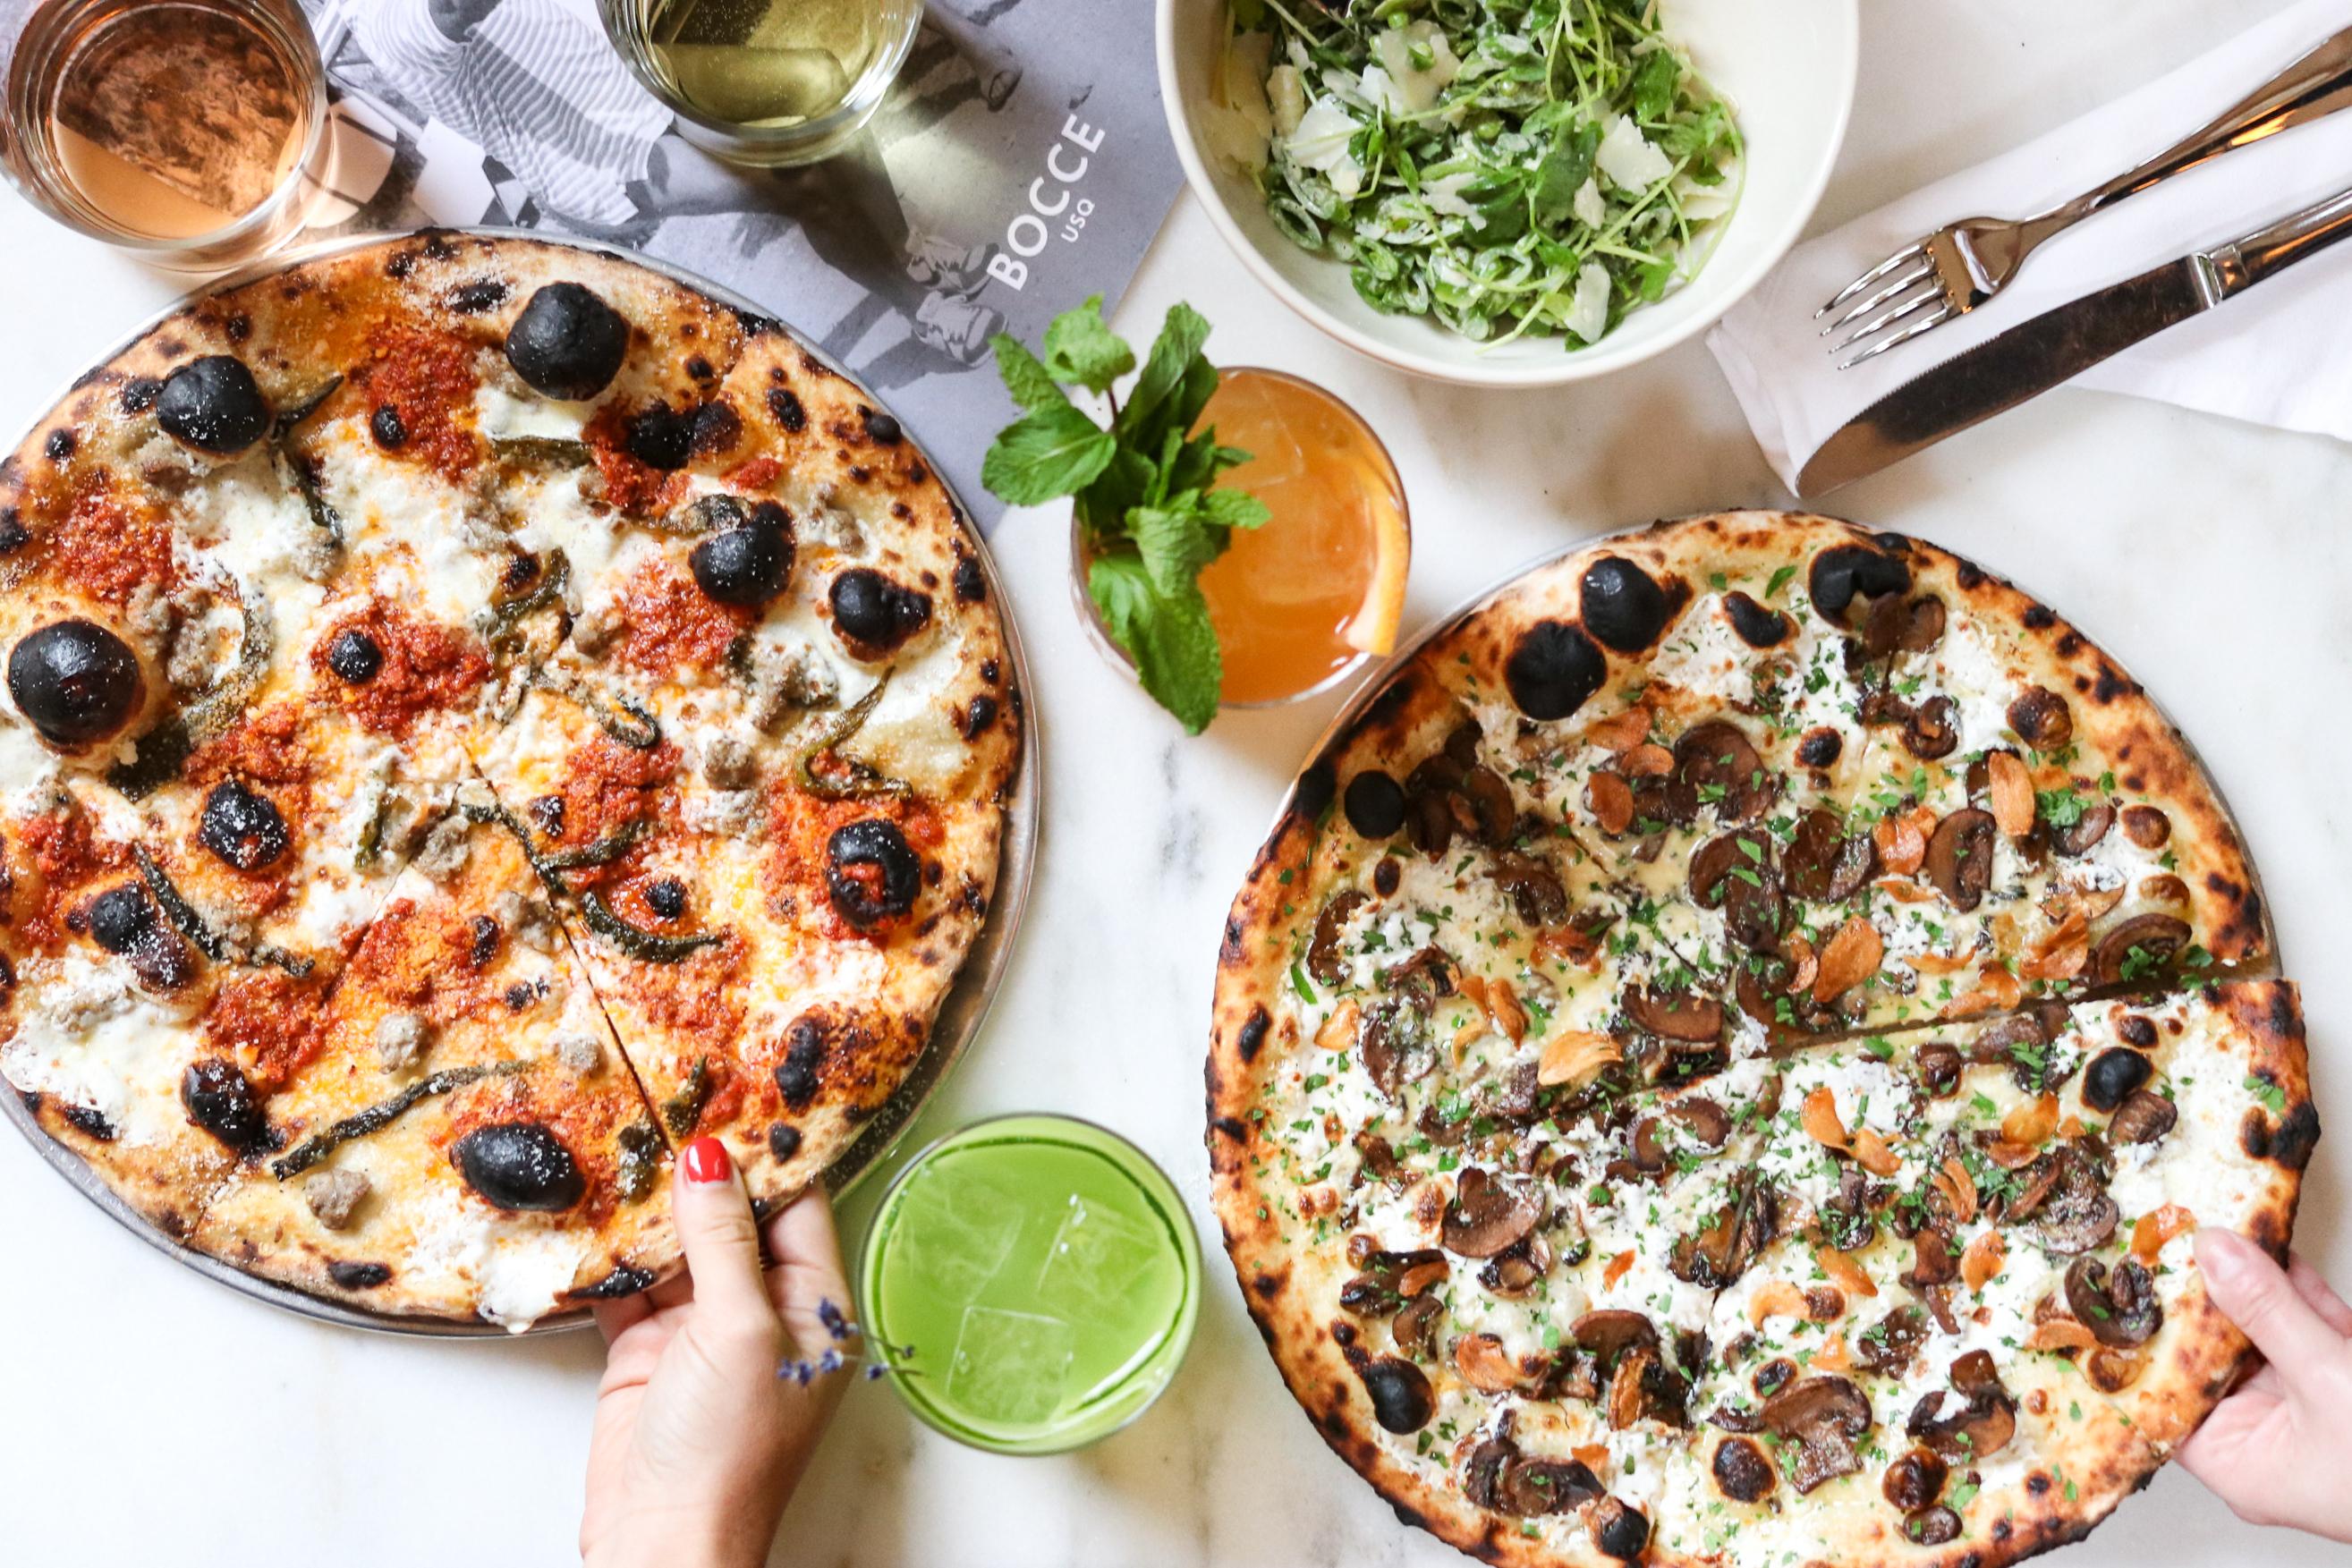 Bocce pizza